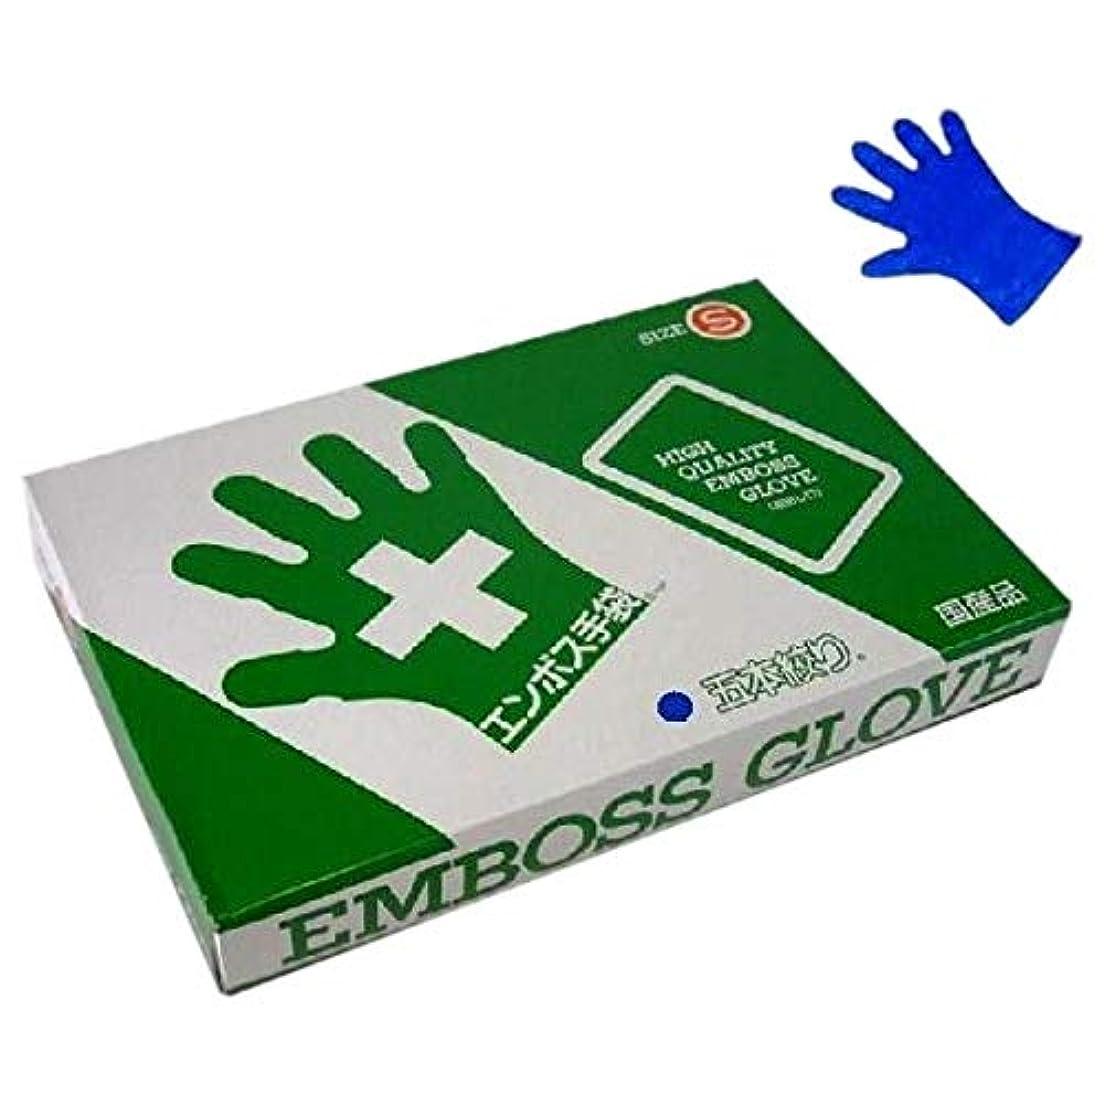 不可能な動機付ける驚くべきエンボス手袋 5本絞り ブルータイプ 化粧箱入 東京パック S 200枚入×20箱